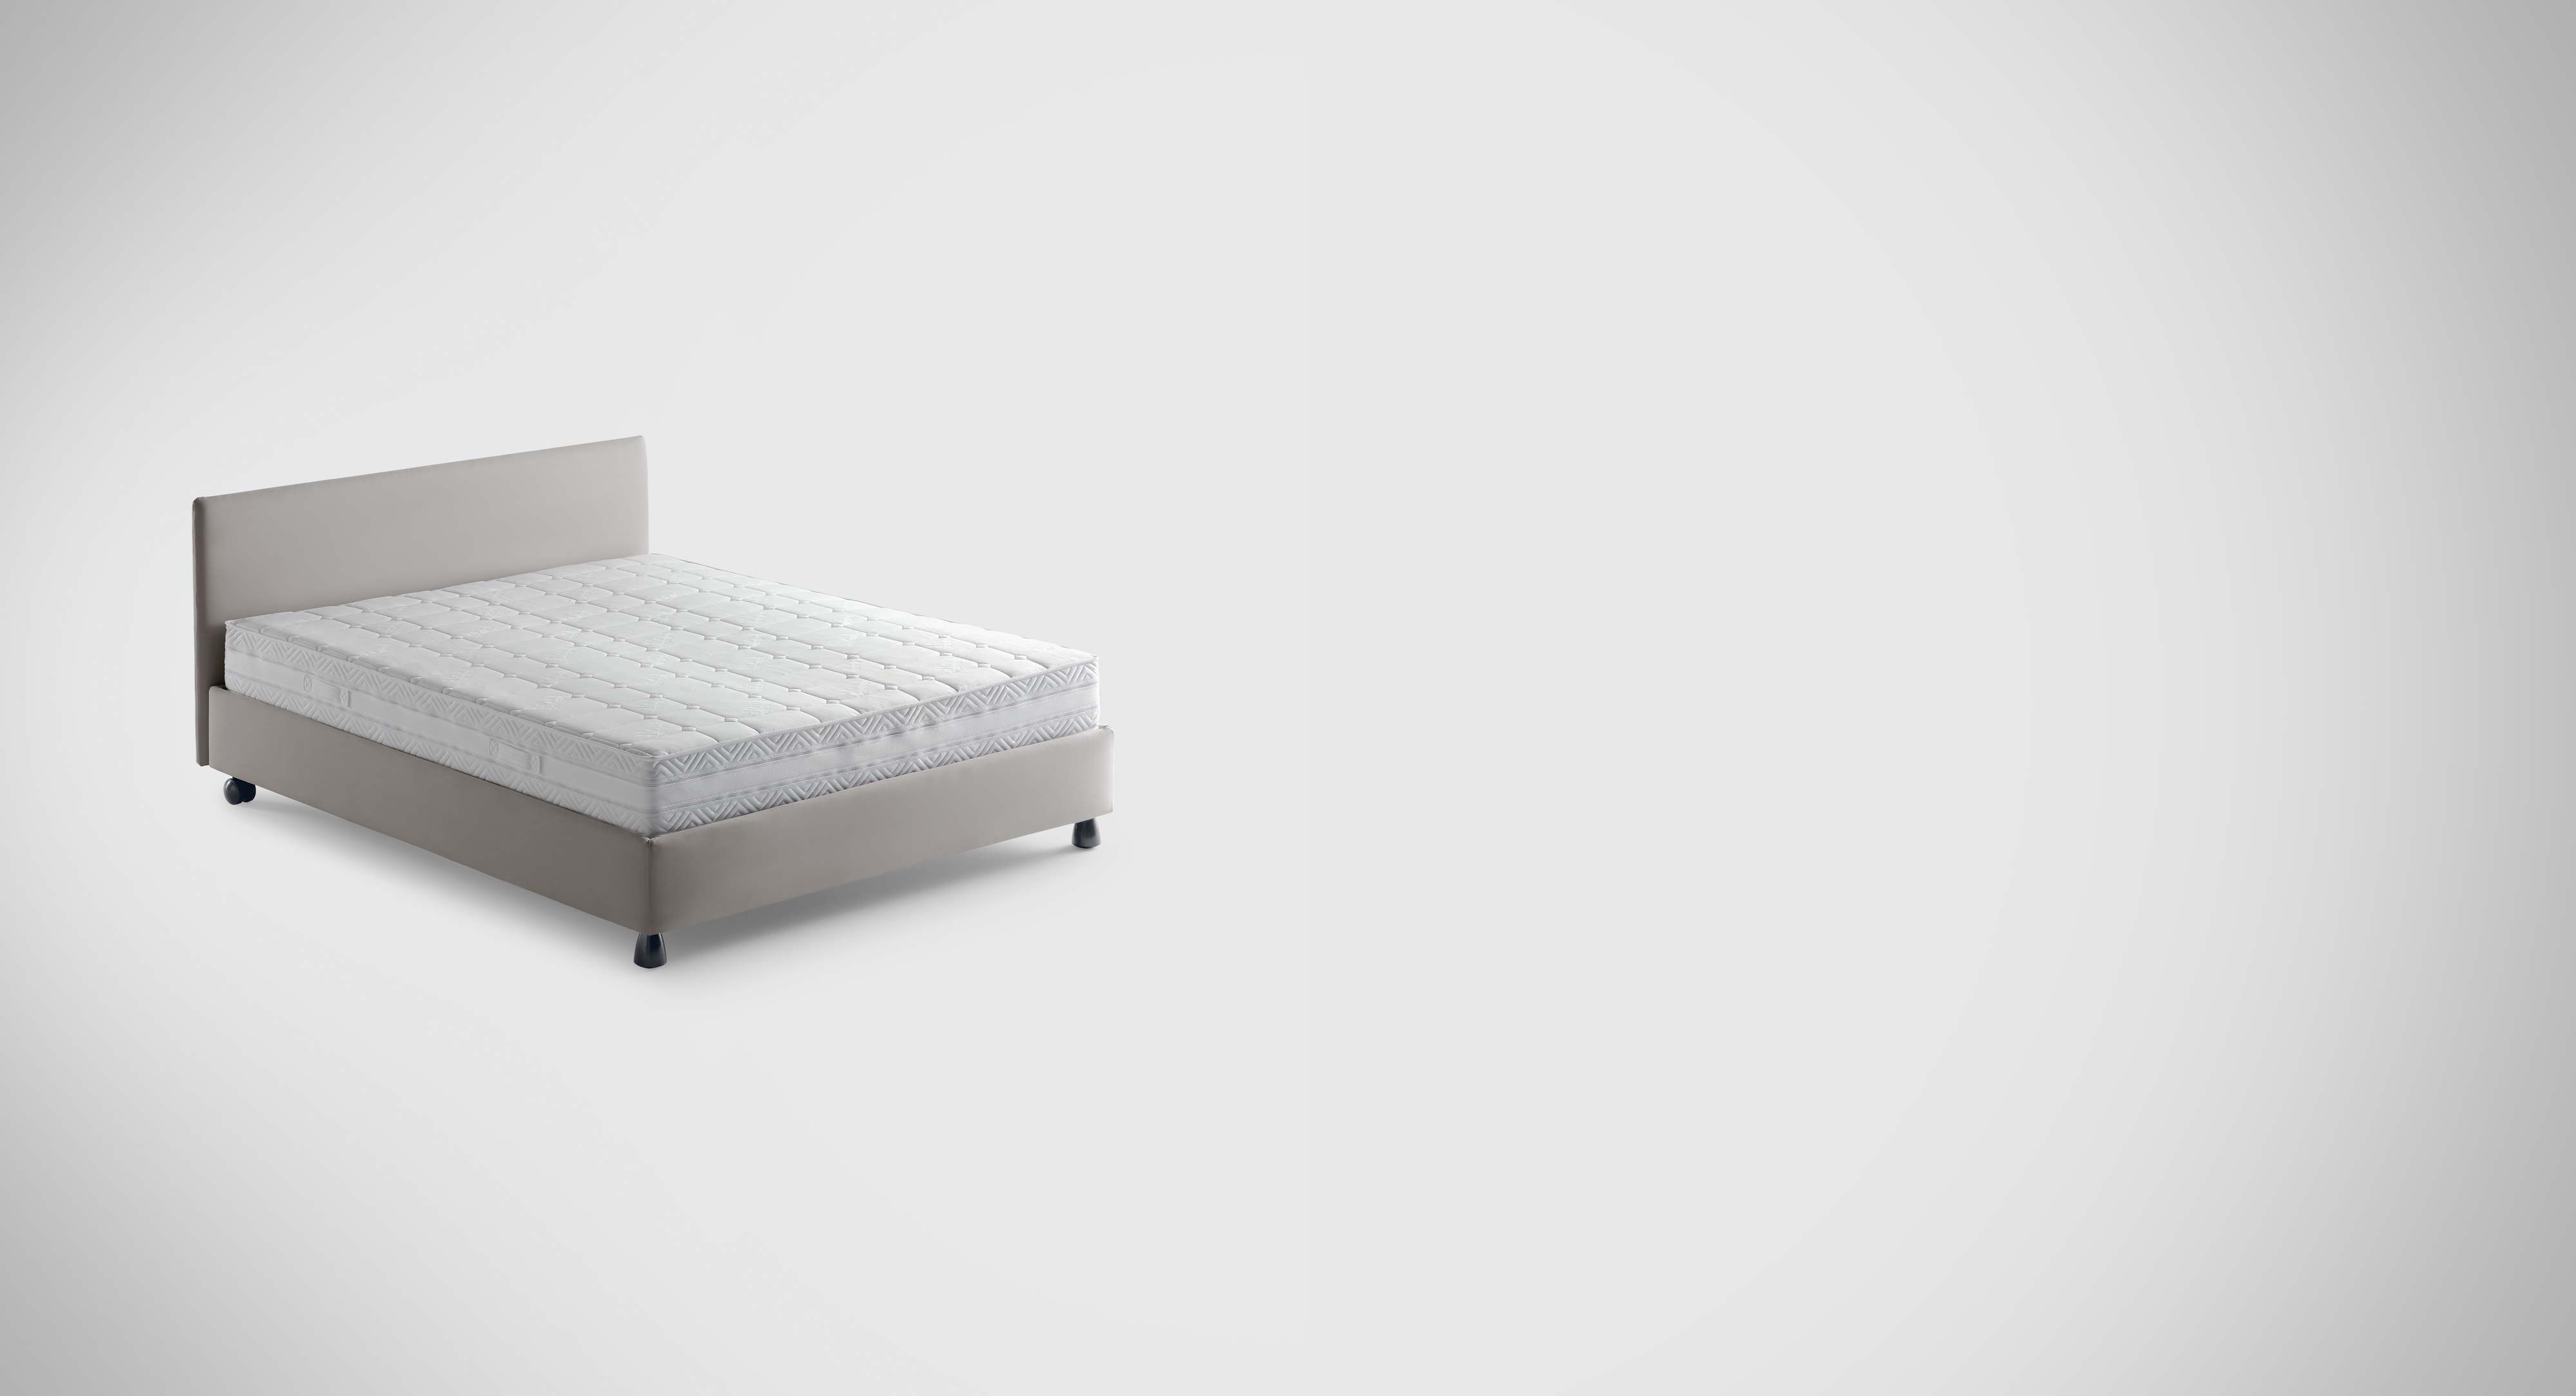 Materasso memoform dual comfort 2c arredamenti corbetta for 2c arredamenti